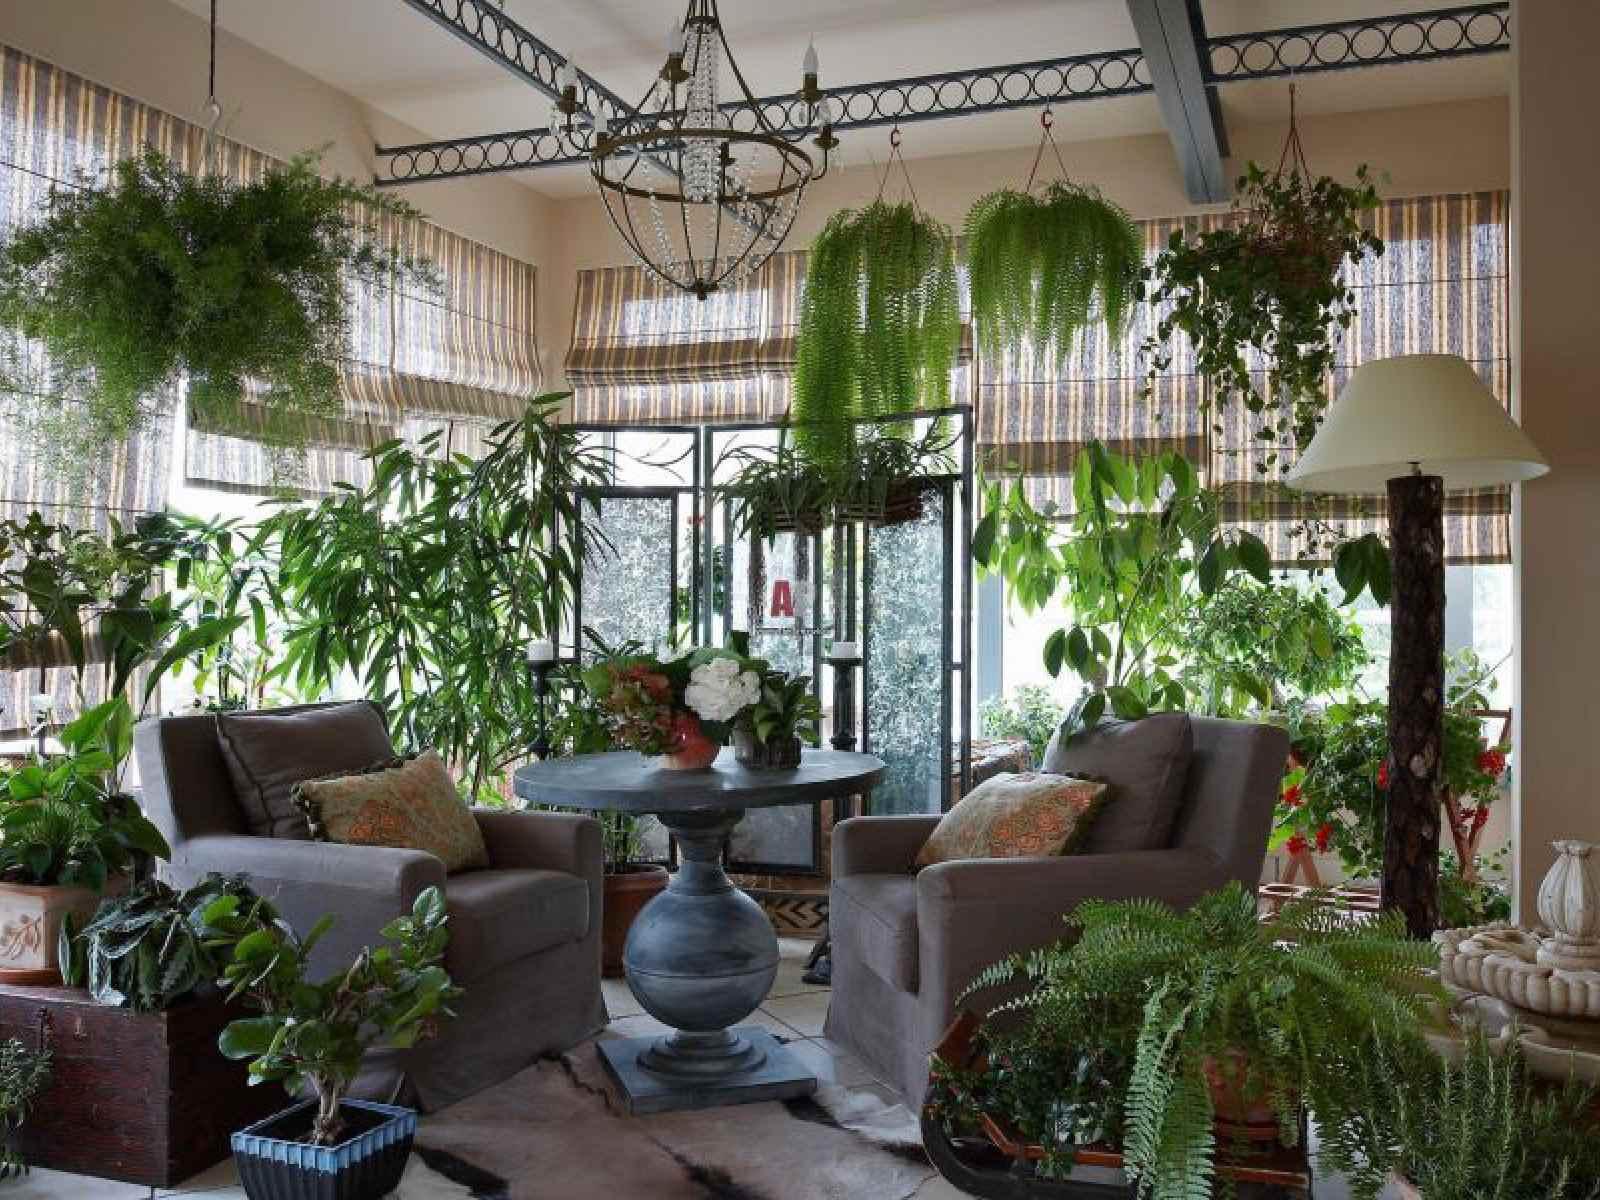 Картинки по запросу Красивый зимний сад в частном доме: фото-идеи и рекомендации по созданию